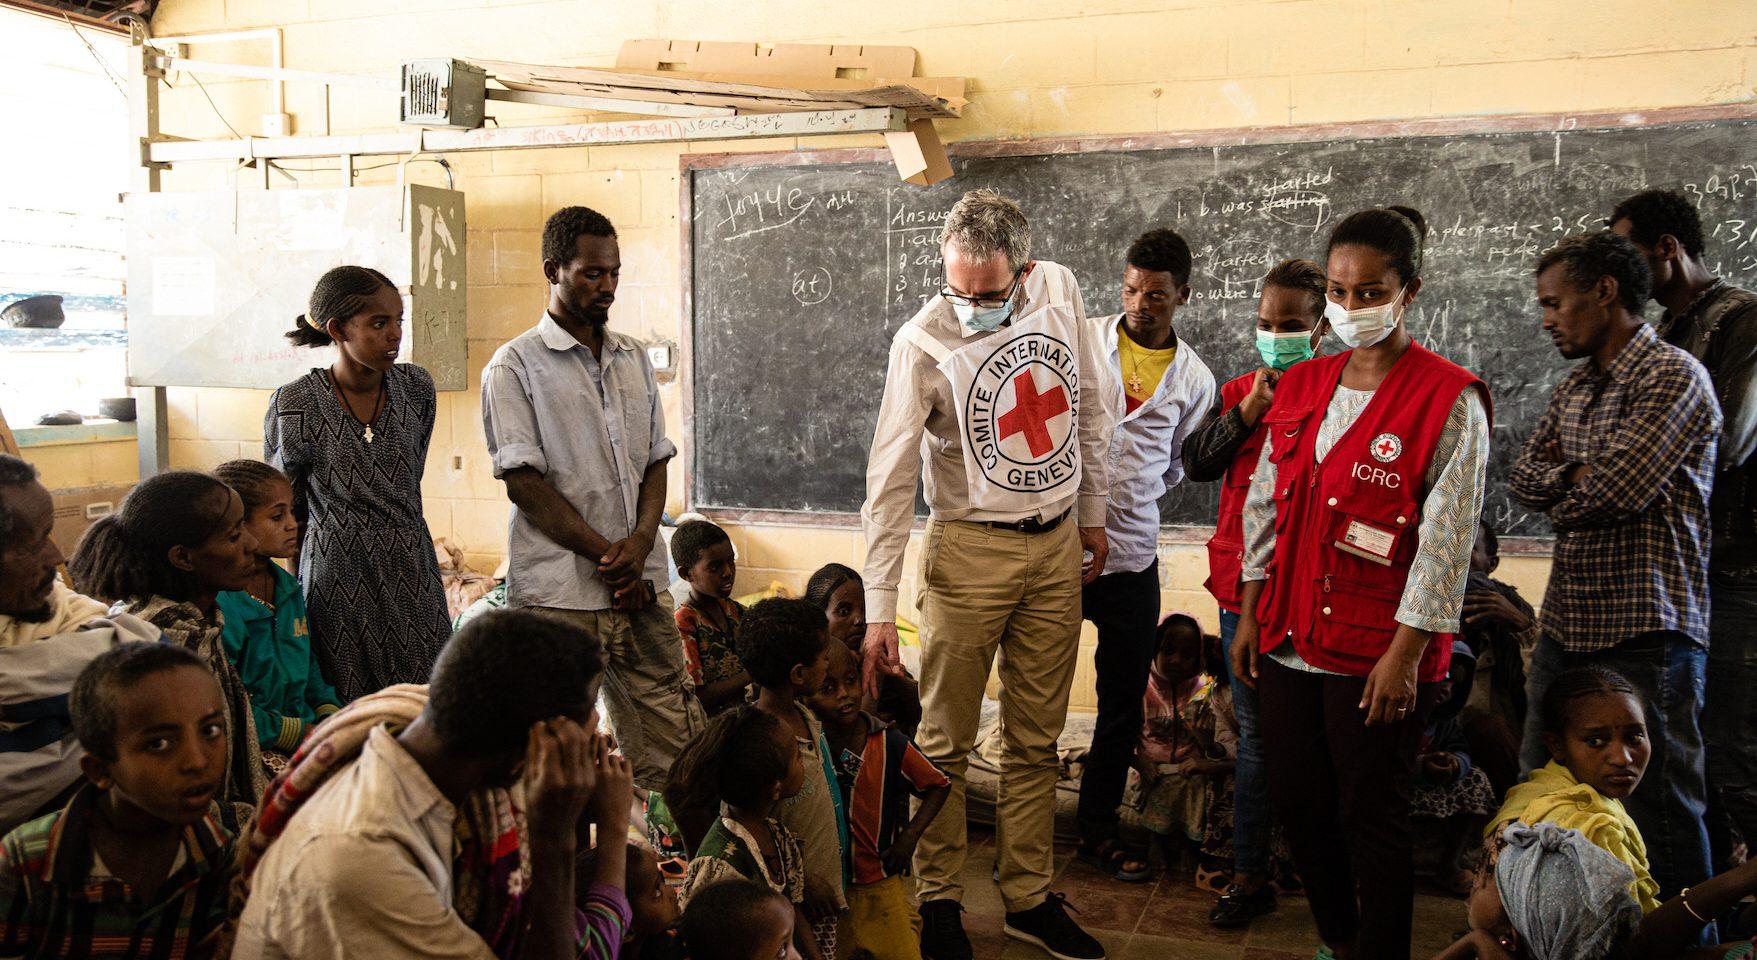 Dominik Stillhart är chef för internationella rödakorskommittén, ICRCs fältoperationer. Här på besök i en skola med internflyktingar i Tigray, i norra Etiopien.